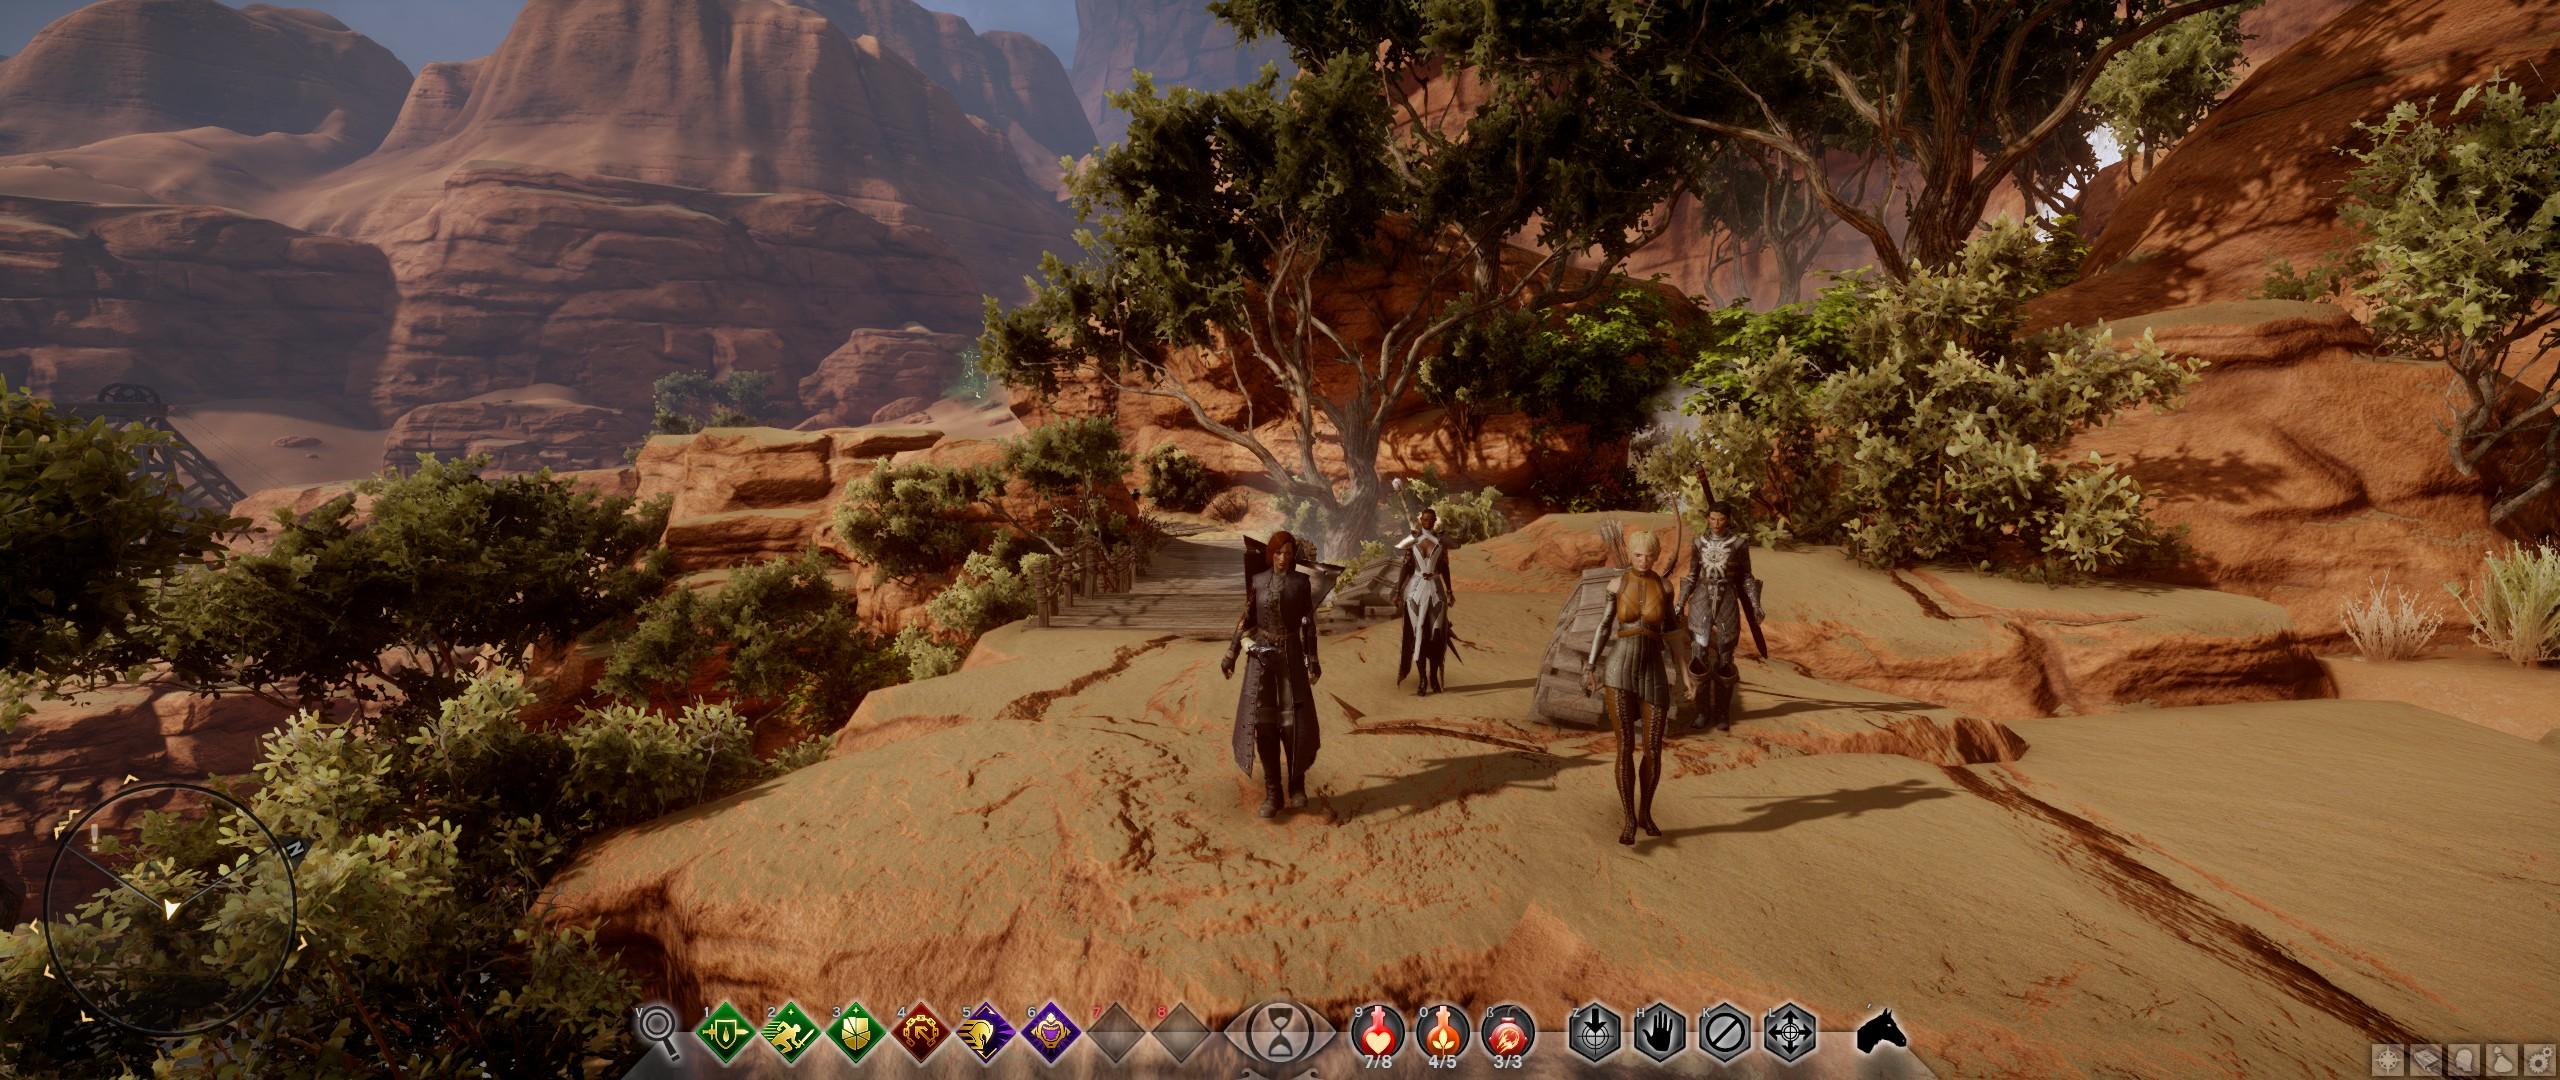 ScreenshotWin32_0032_Final